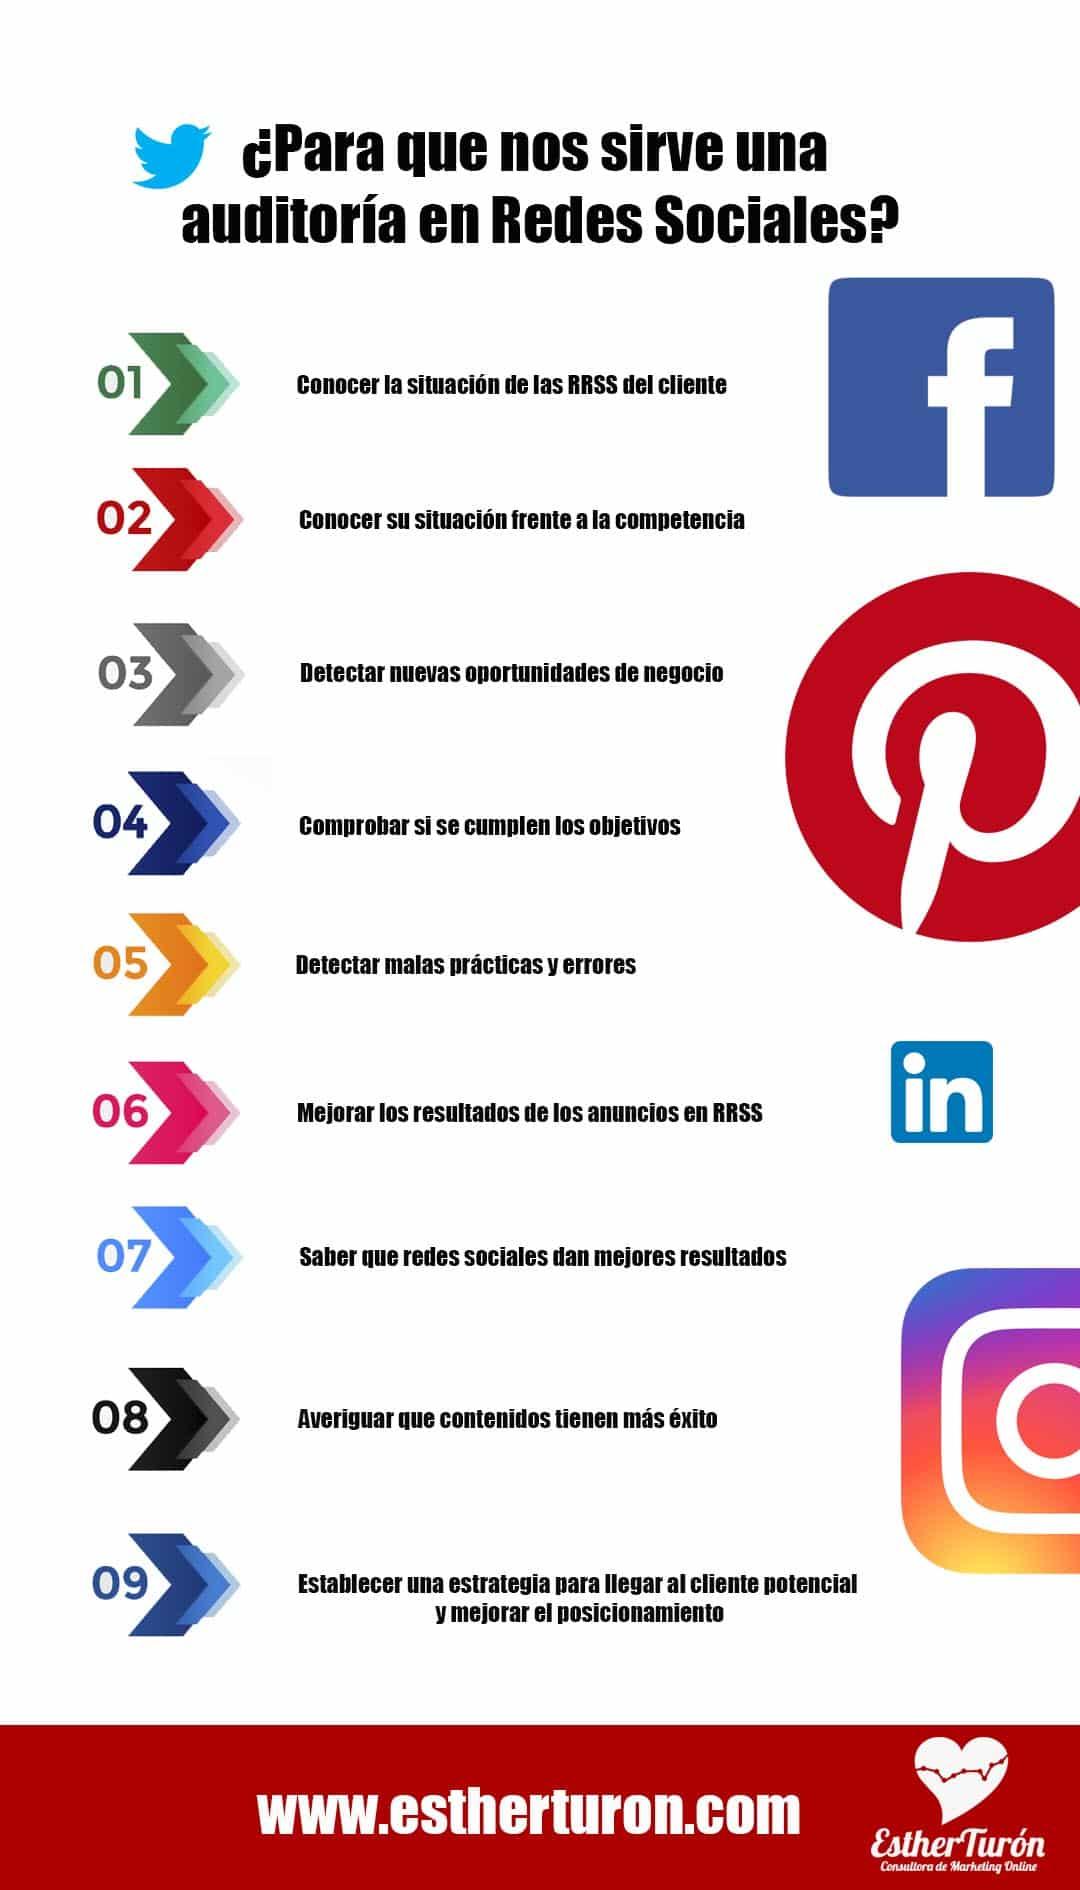 Infografía para que sirve una auditoria de Redes Sociales